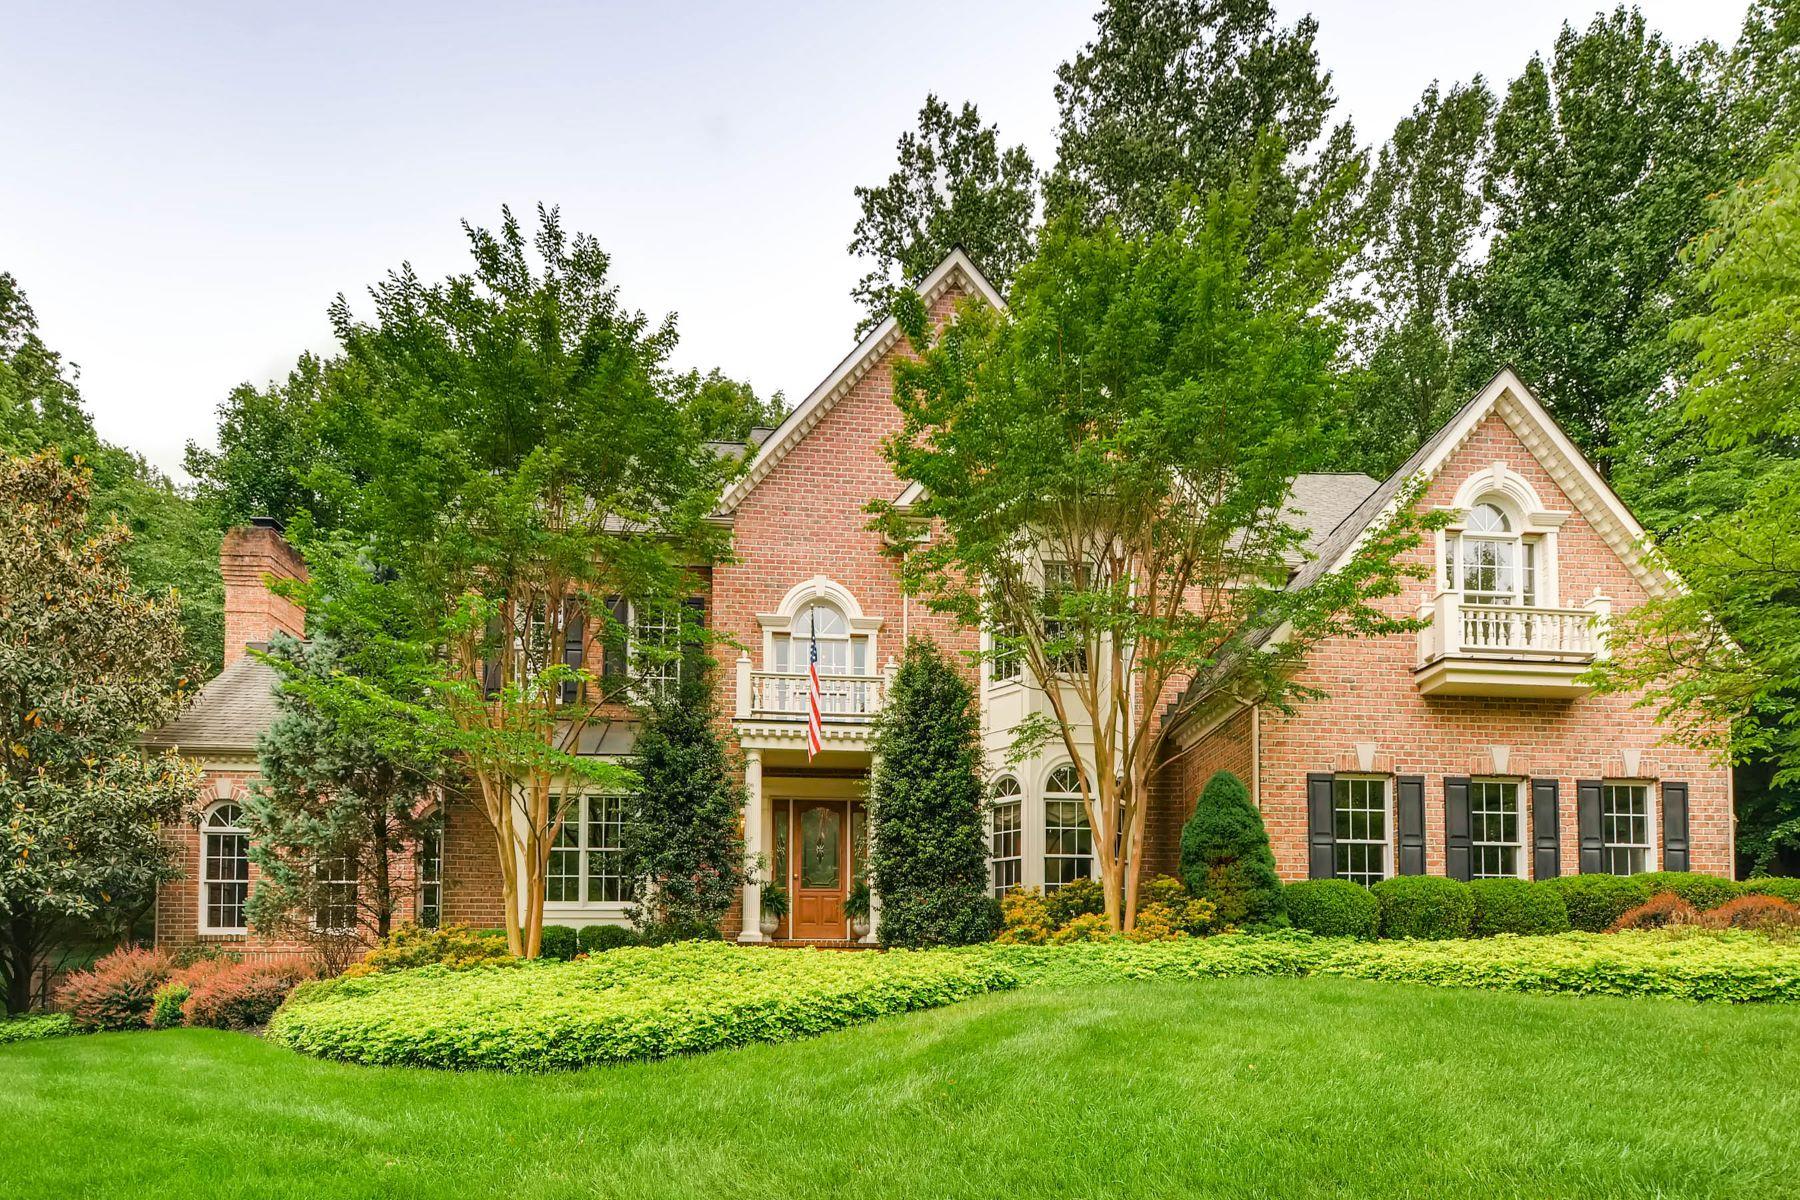 Villa per Vendita alle ore Ivy Hill 3 Chamaral Court Cockeysville, Maryland 21030 Stati Uniti